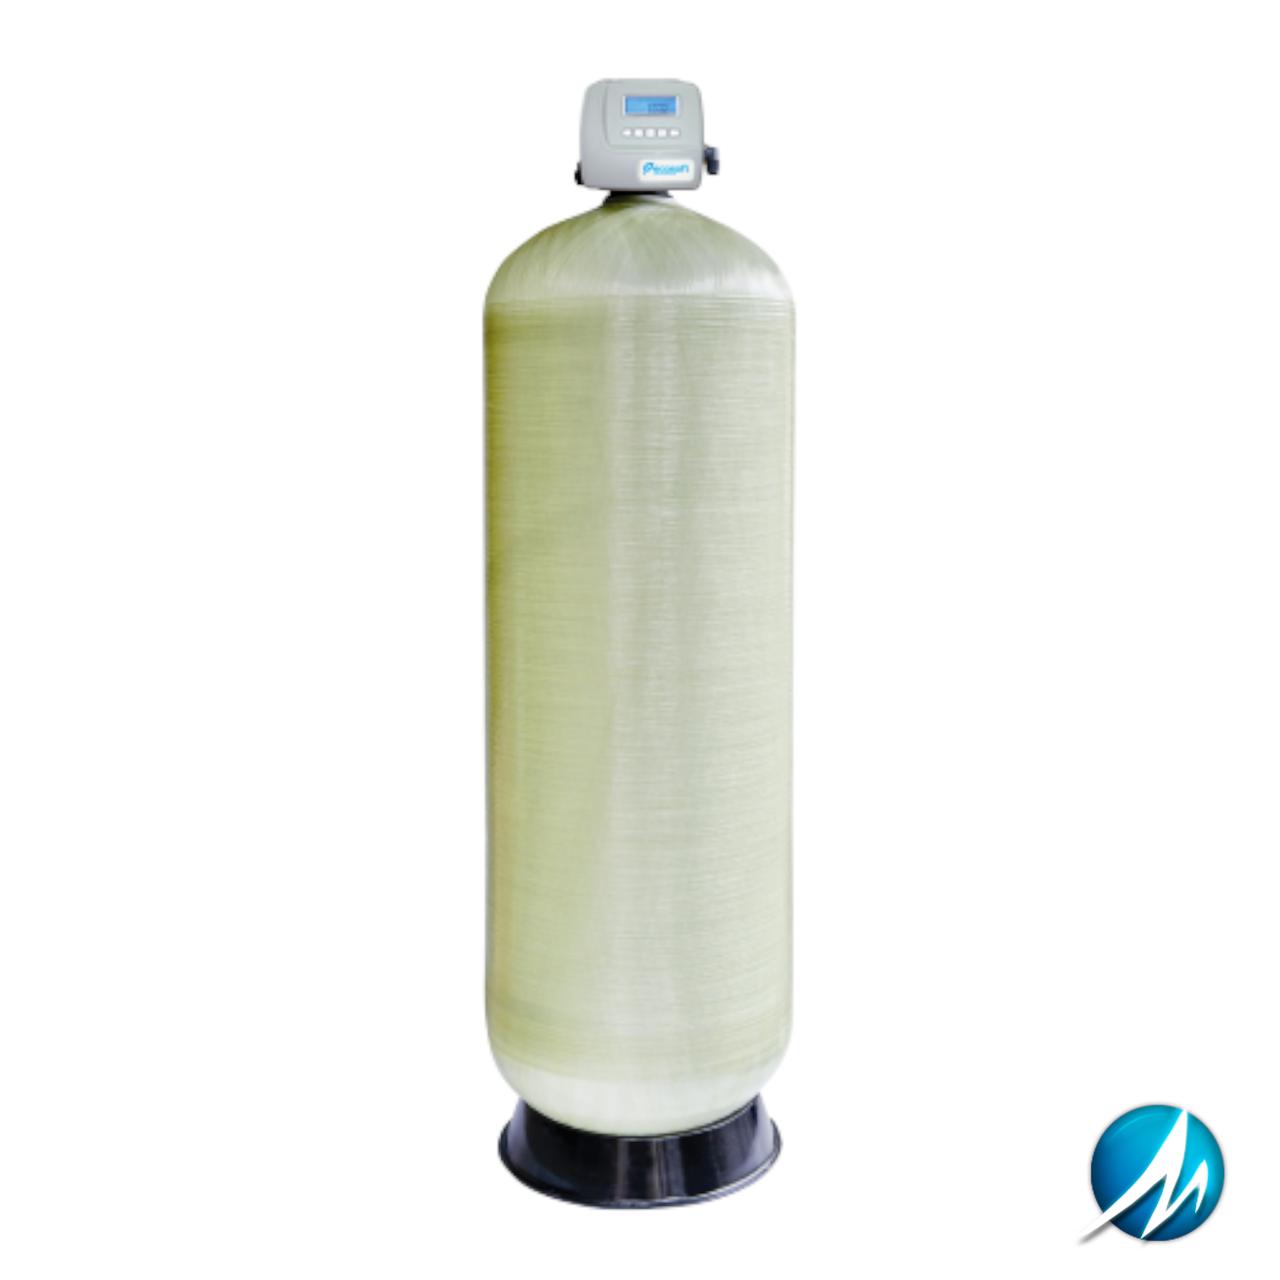 Система фільтрації води Ecosoft PF3072CE15 (без фільтруючого матеріалу)